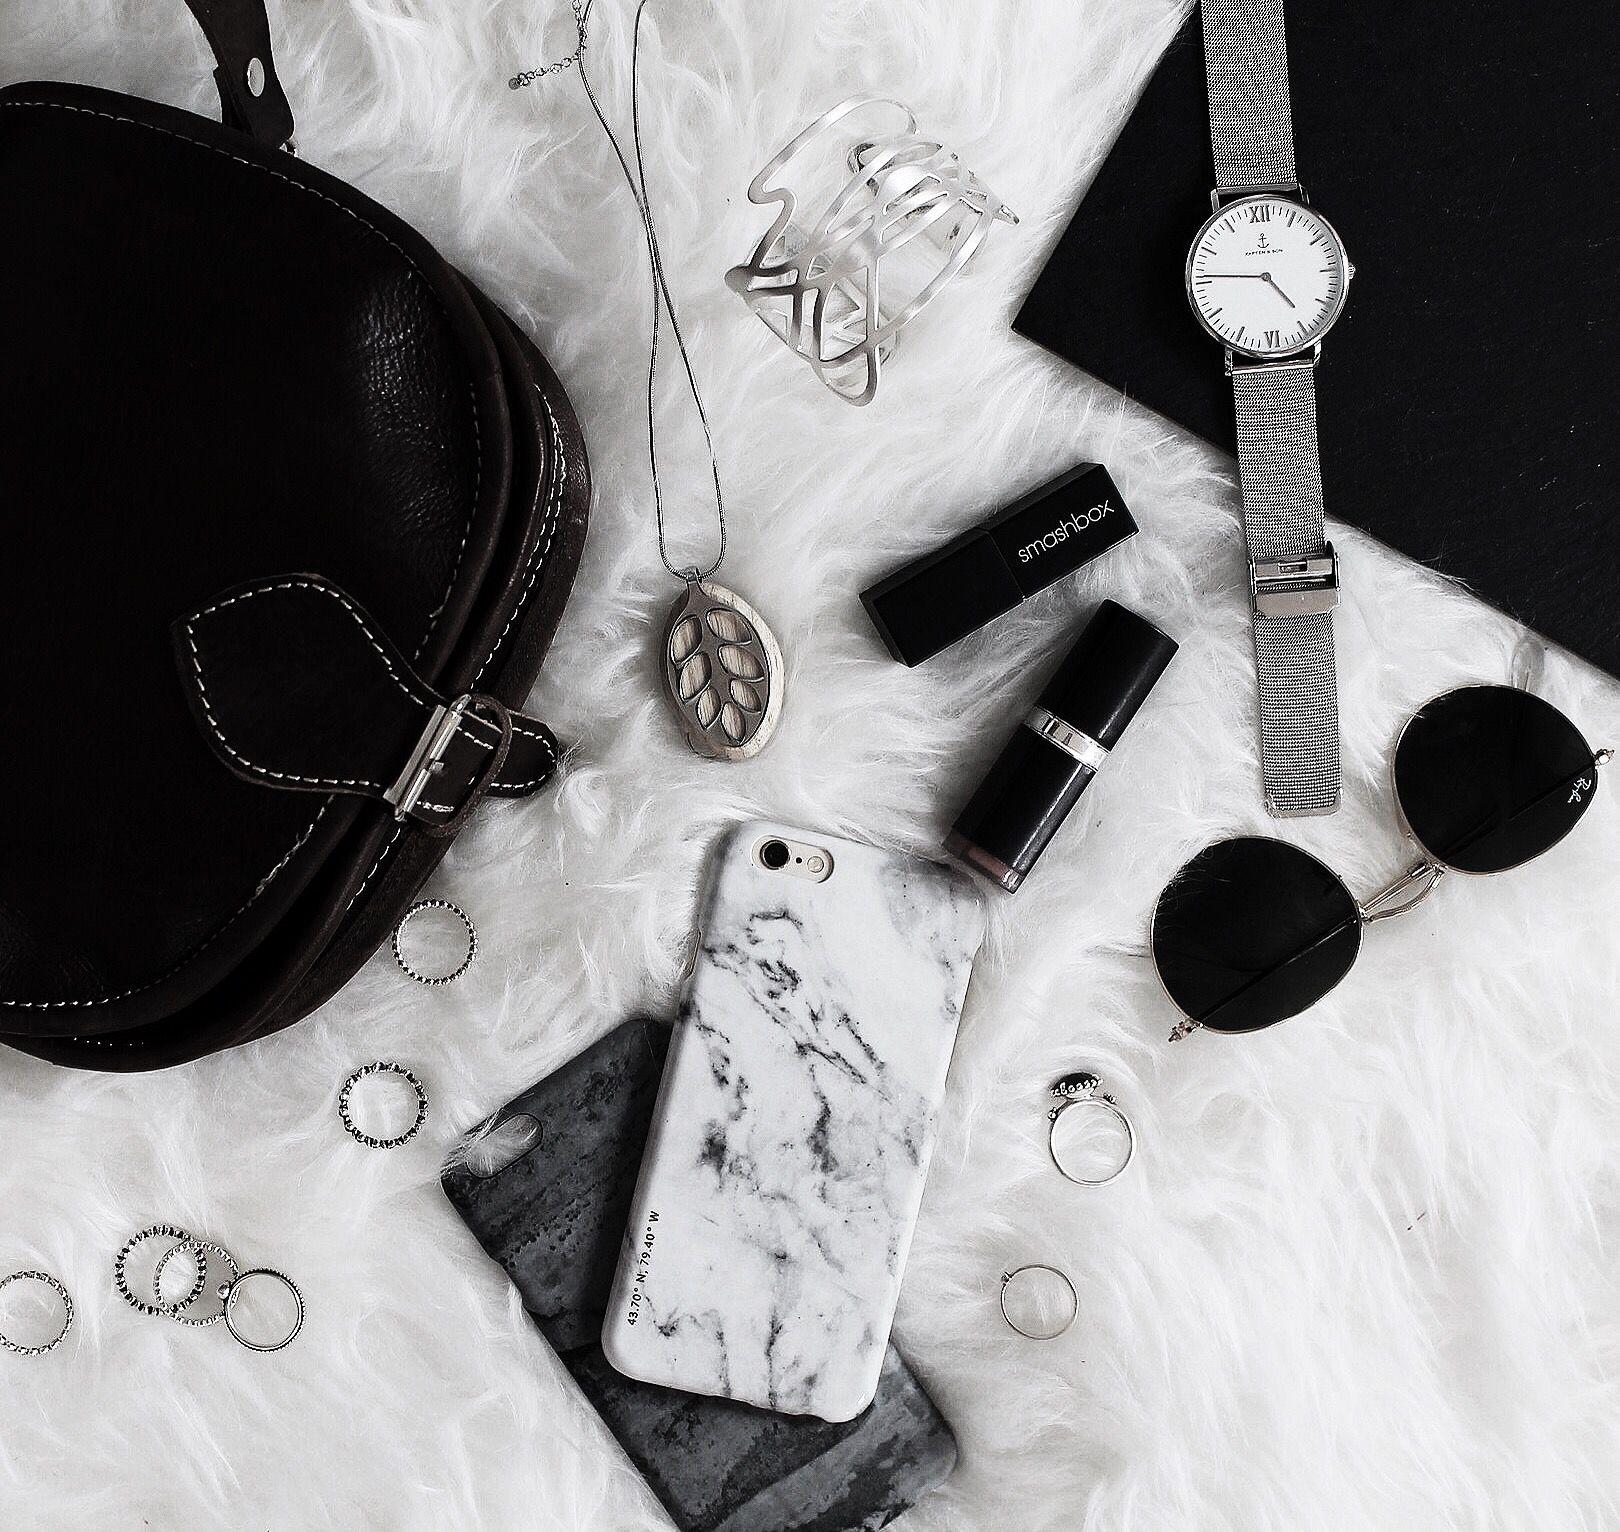 Bereit für einen Abend mit Freunden? Ob Party, Essen gehen oder Rendevous - unsere Handtaschen versprechen dir, der Hingucker des Abends zu sein und deine Sachen sicher zu verstauen - Lifestyle - GustiLove - Handtasche - Gusti Leder